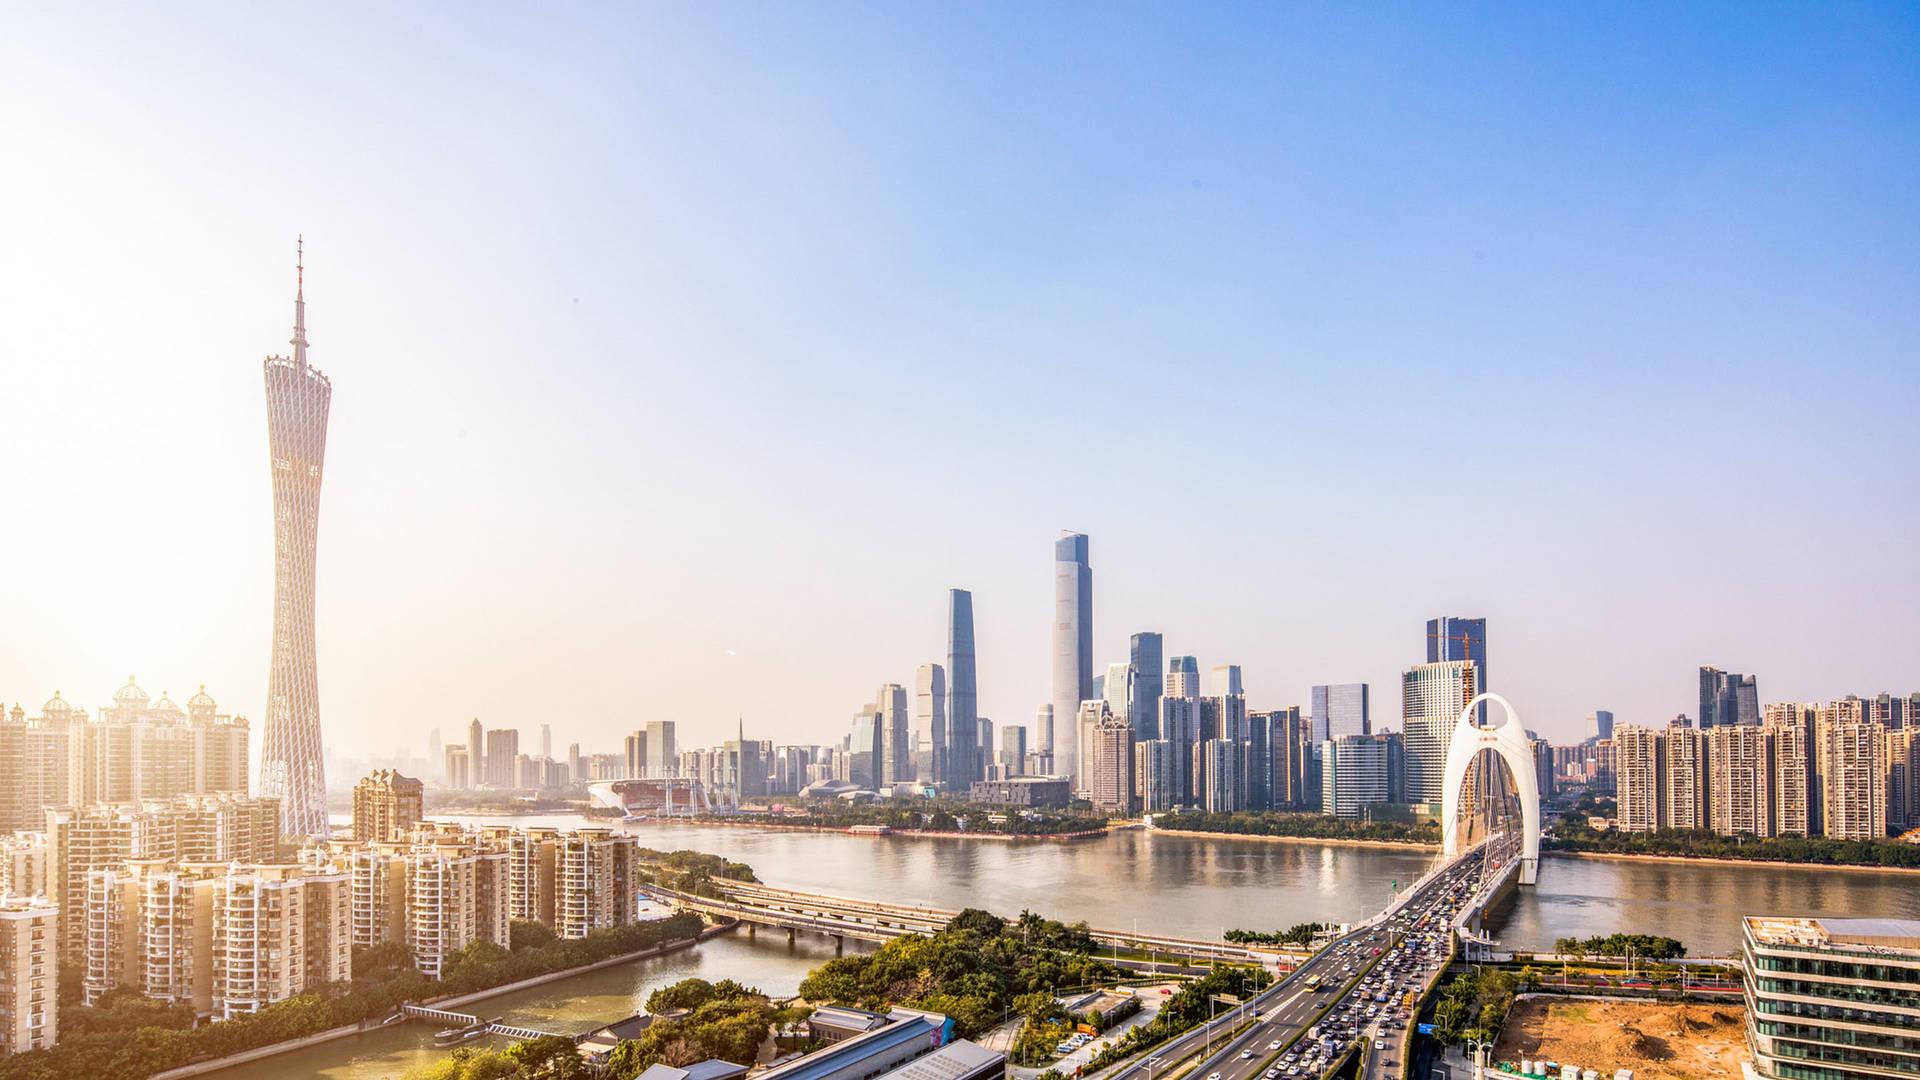 Guangzhou tower cityscape